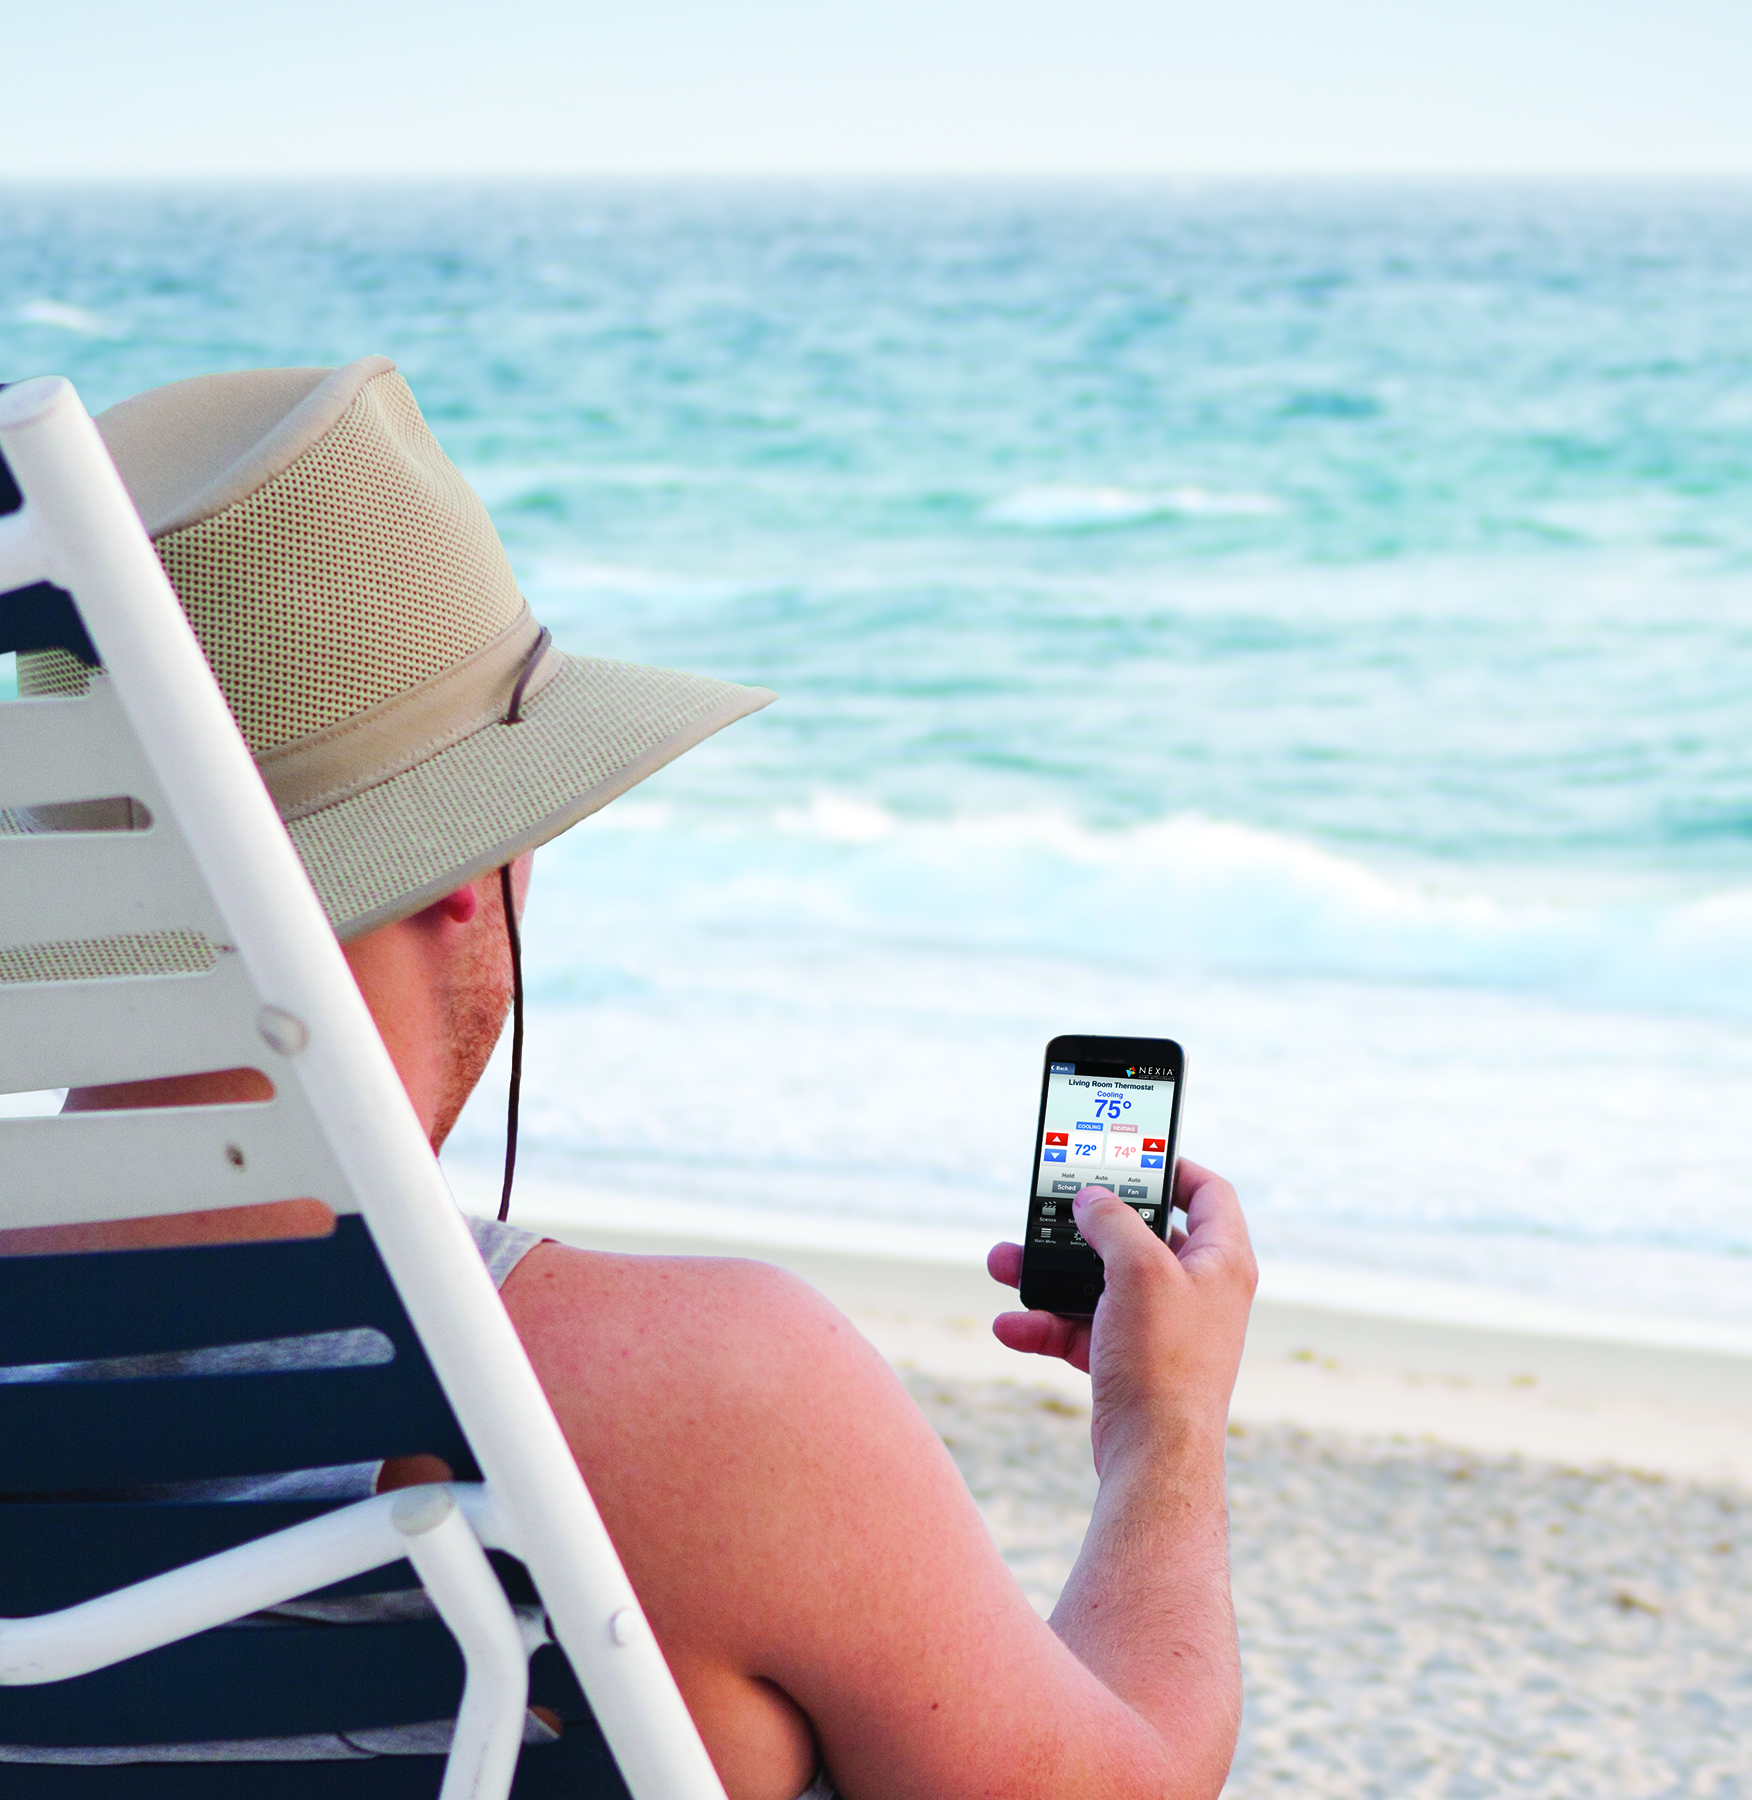 N_Man_at_beach_Climate_app.jpg